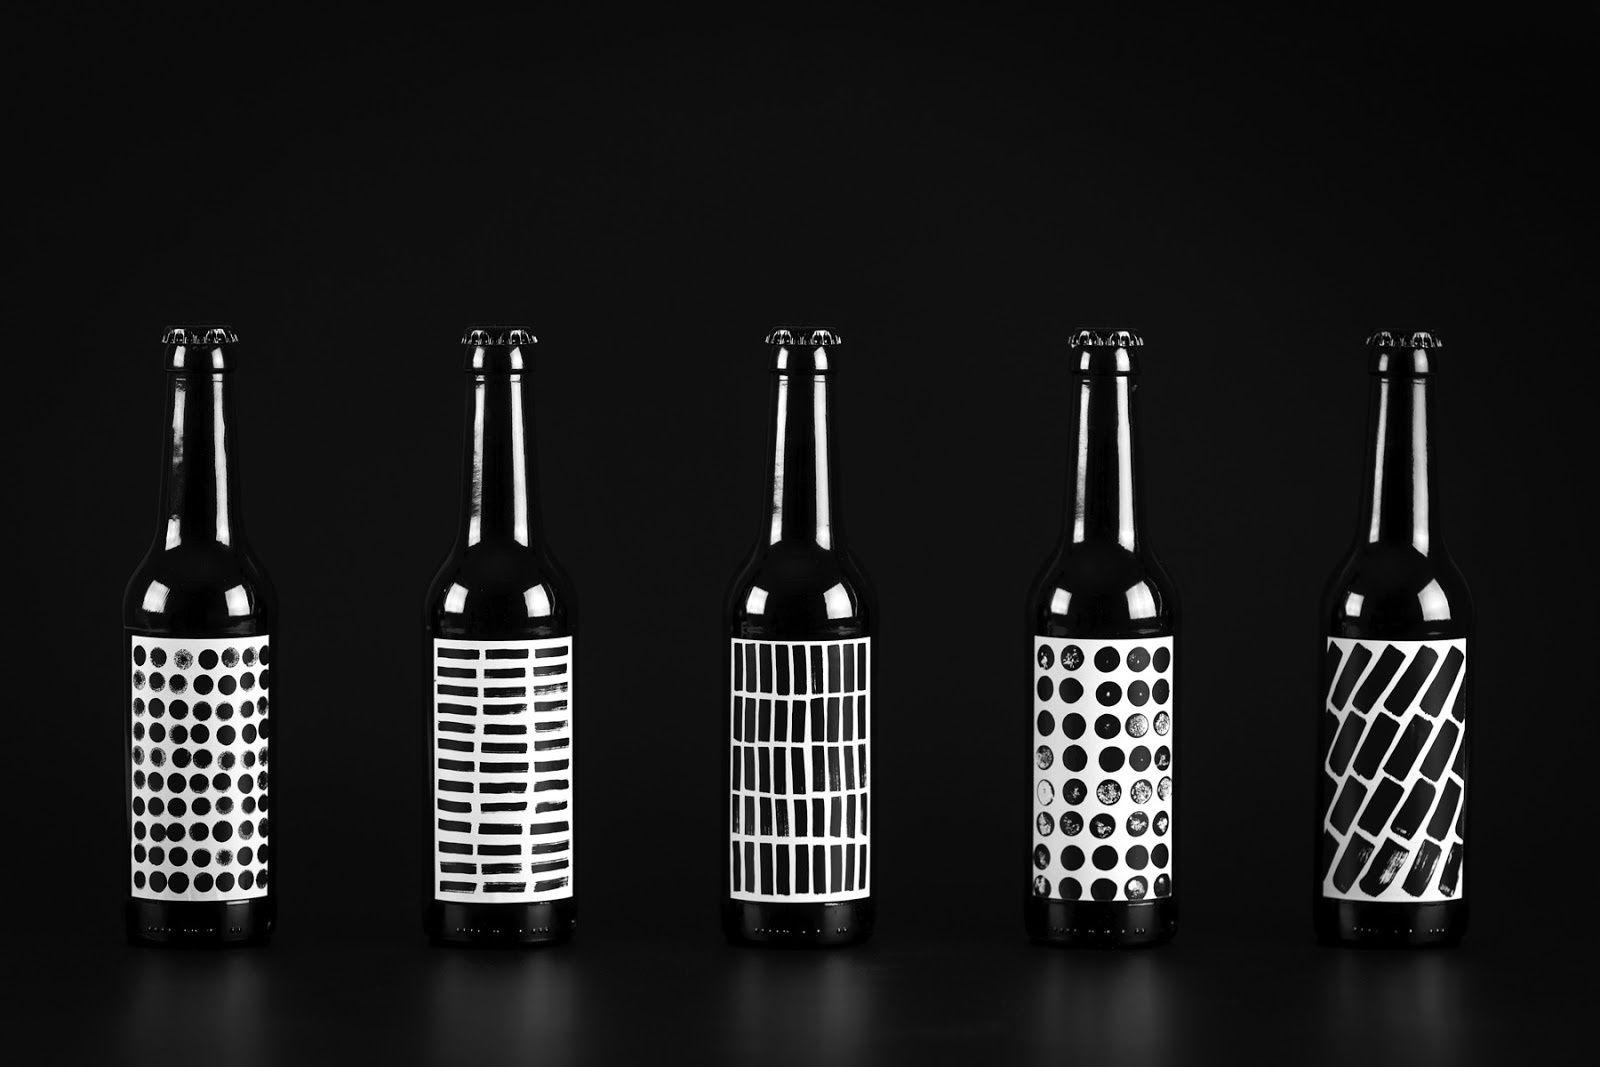 """Terminalizm (bières imaginées par l'agence pour son auto-promotion, en créant son propre mouvement artistique : """"Terminalizm"""") I Design : Terminal design, Saint-Pétersbourg, Russie (janvier 2018)"""